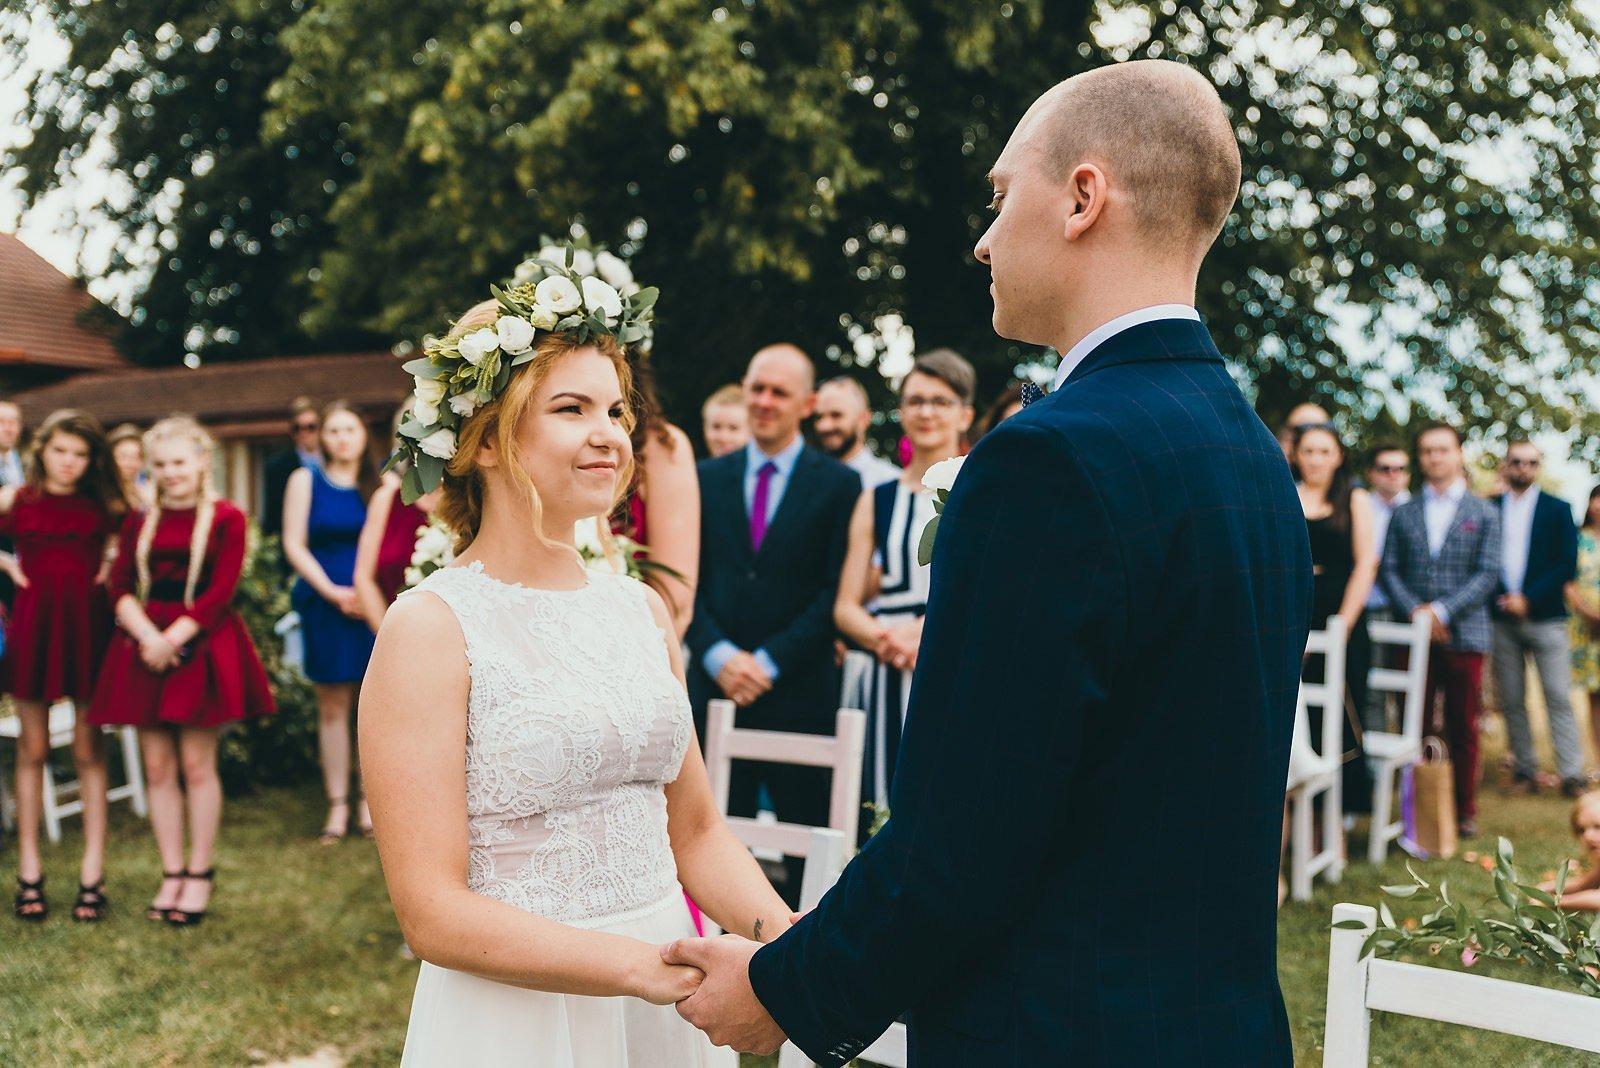 Justyna i Szymon - plenerowy ślub w stylu boho 41